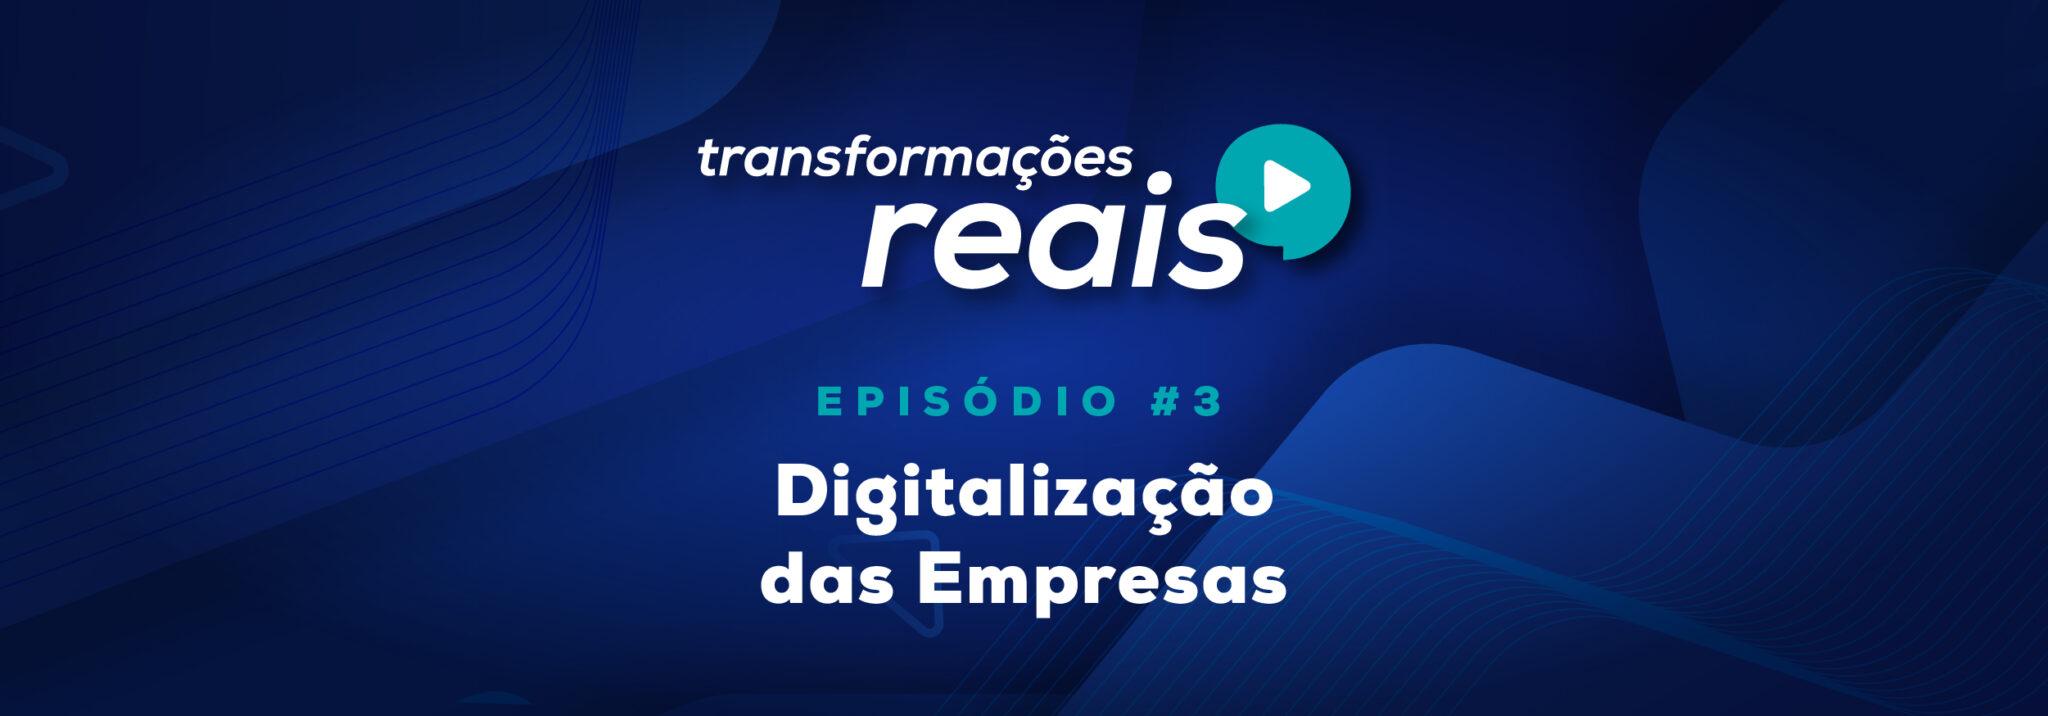 episódio 3 - digitalização das empresas